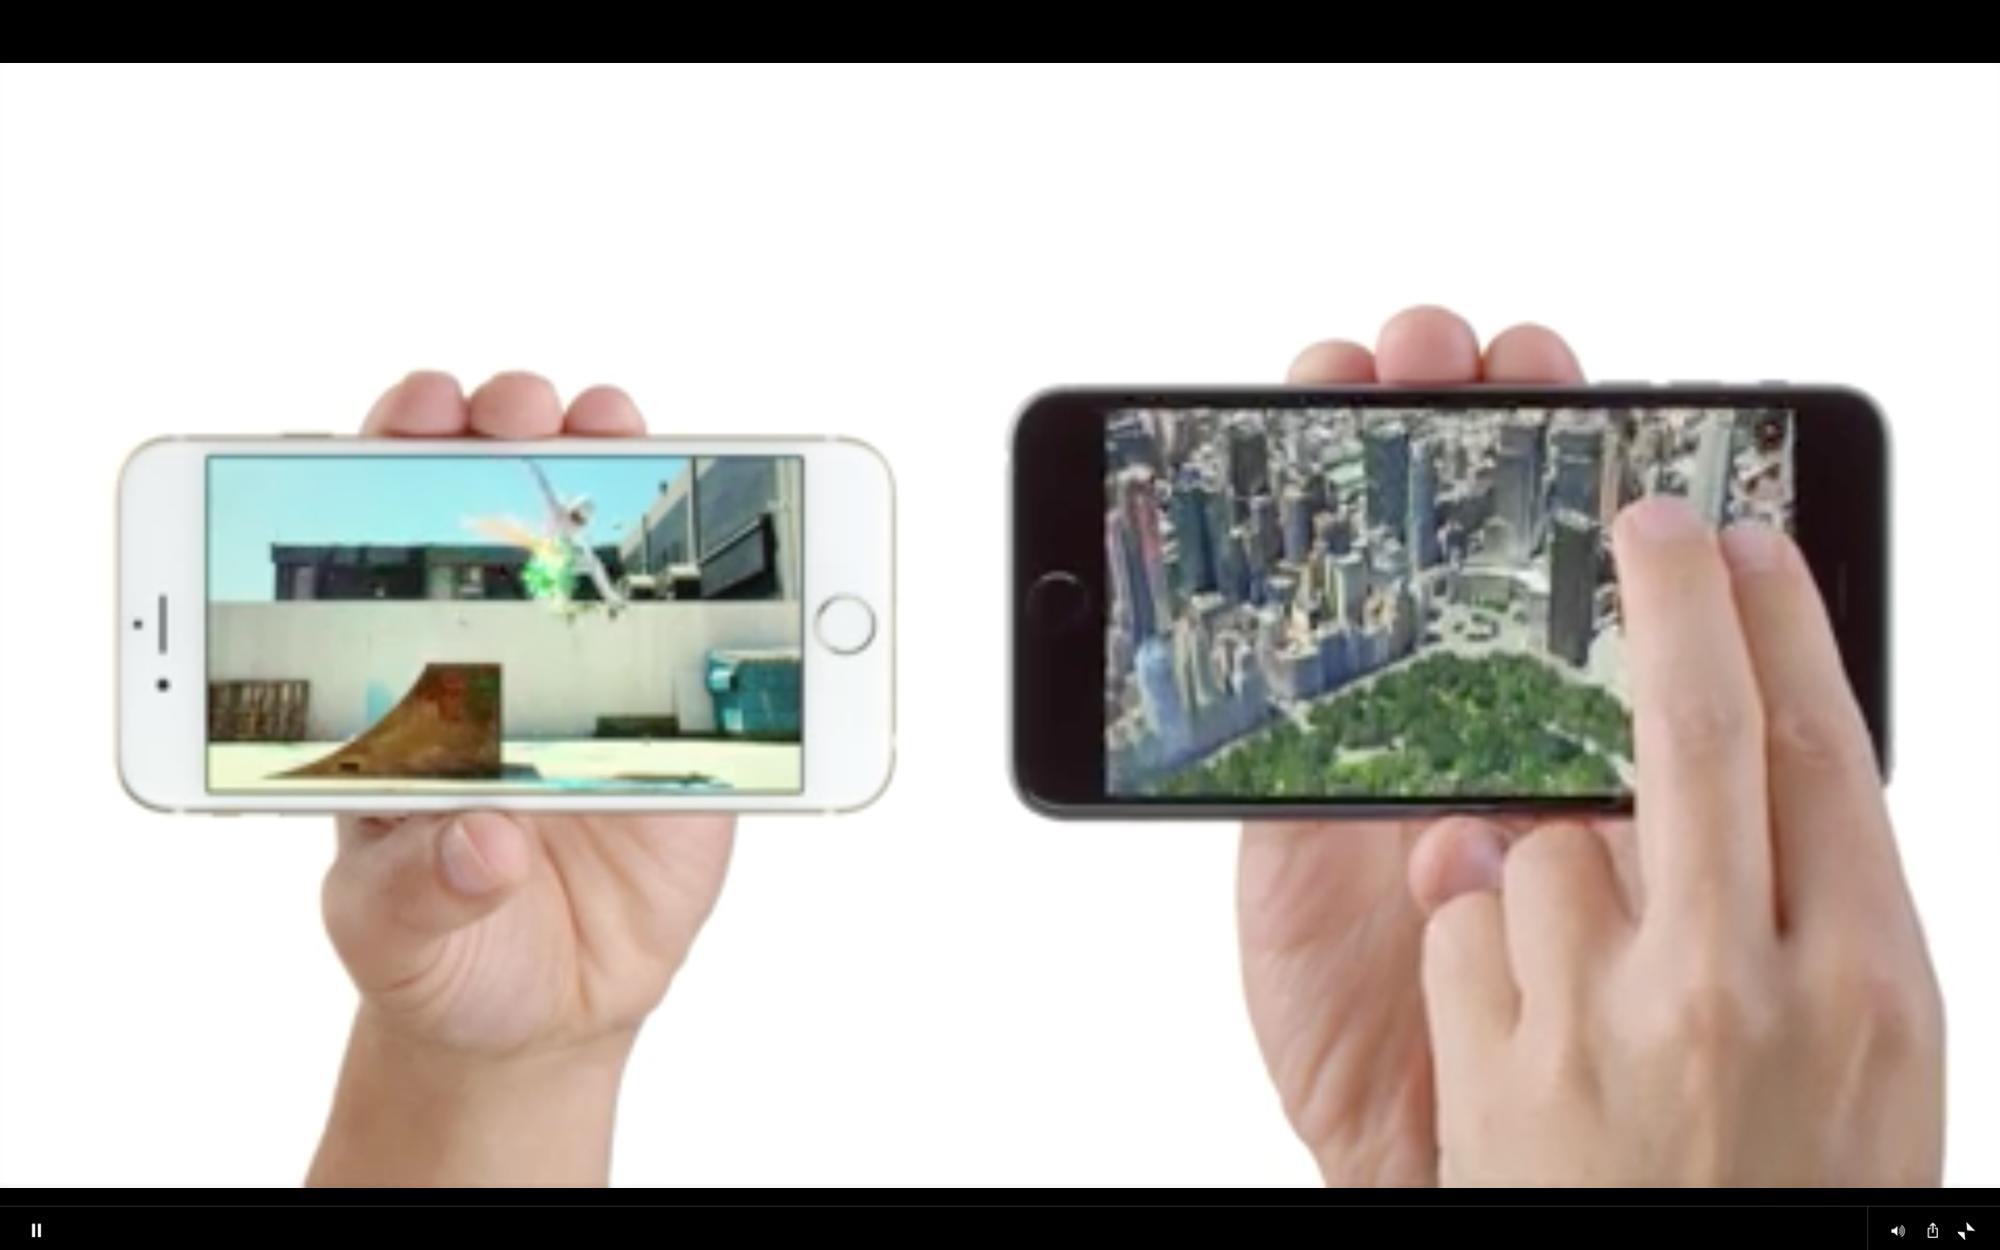 a76877e874 19 36 iOS 8. iPhone 6 kommer selvfølgelig med iOS 8 – Apples nyeste  operativsystem for iPhone og iPad. Masse nye funksjoner